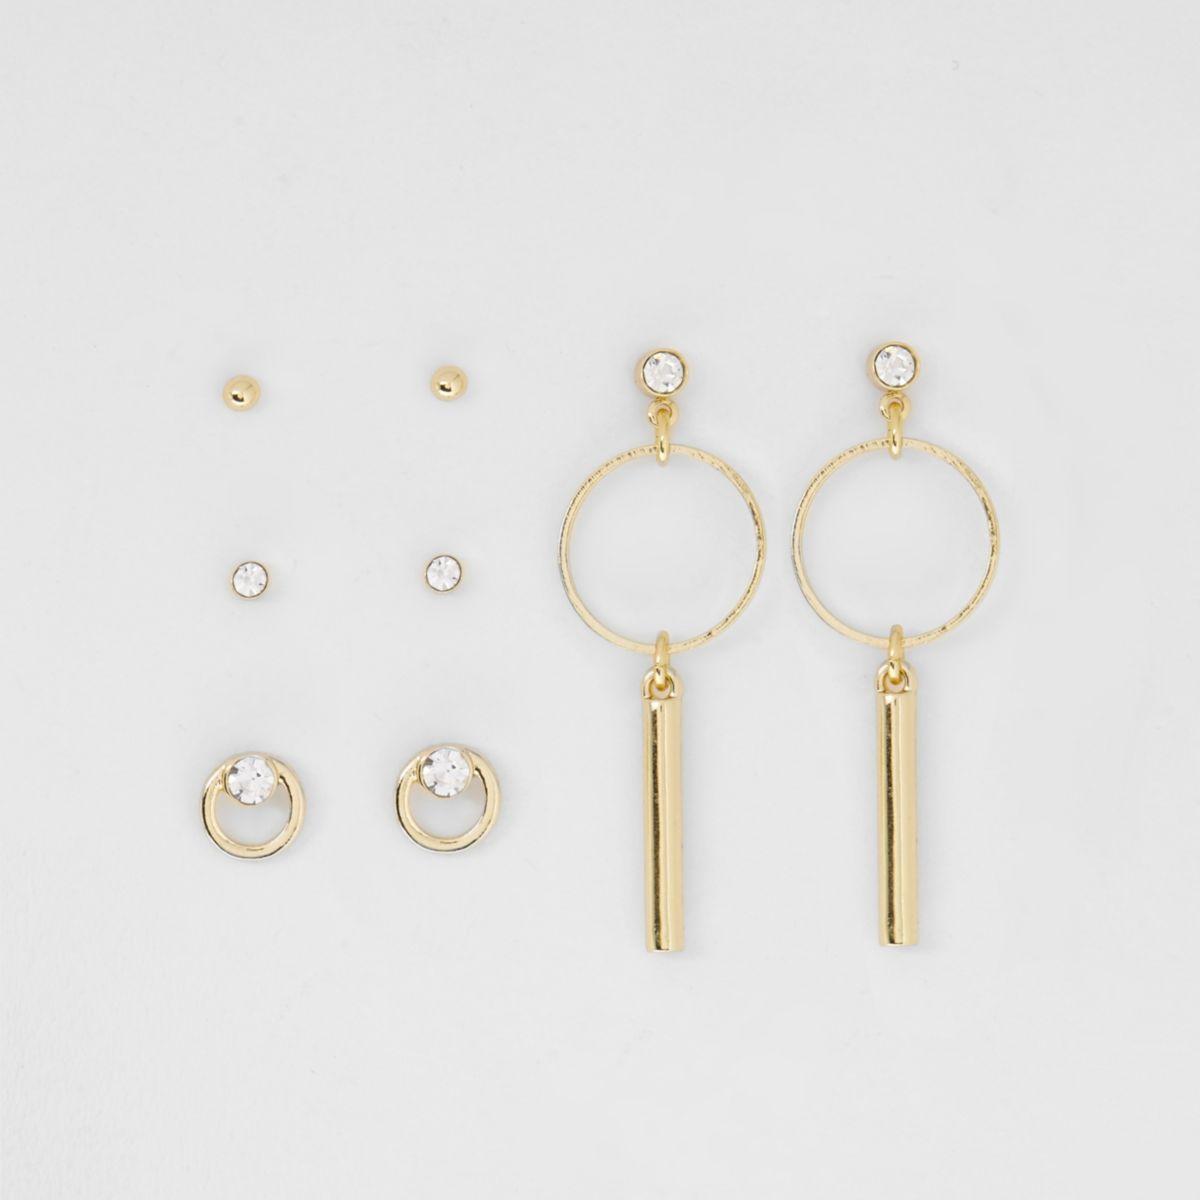 Goudkleurige oorbellenset met diamantjes